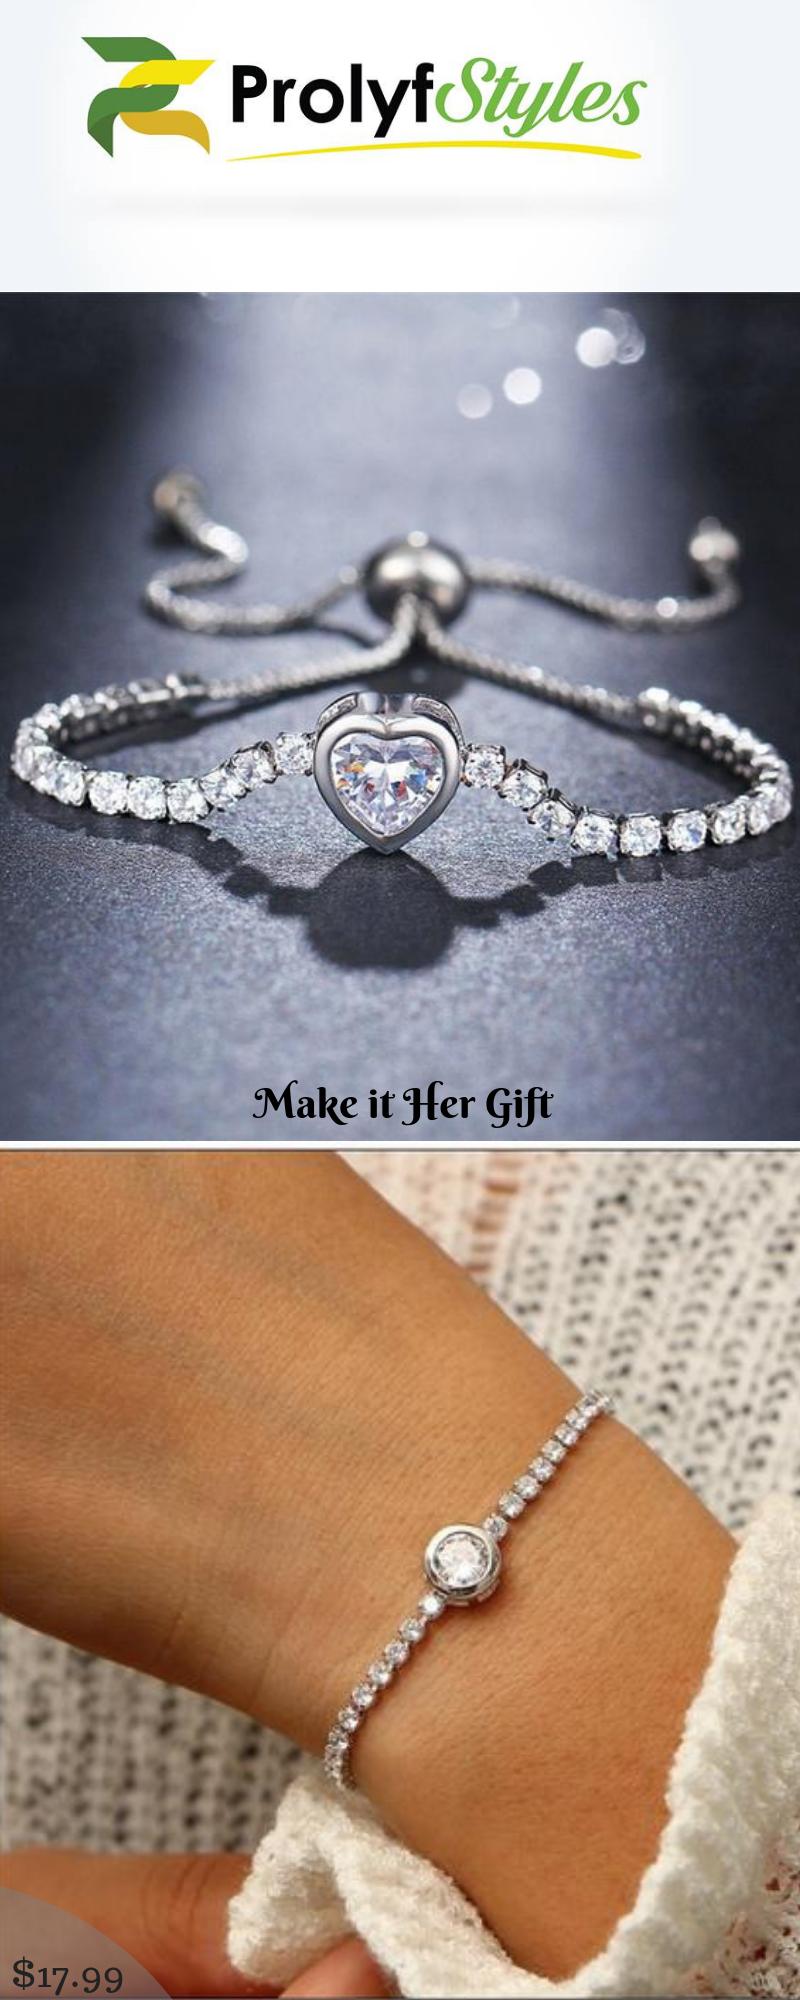 Round tennis bracelet for women in bracelets for men u women